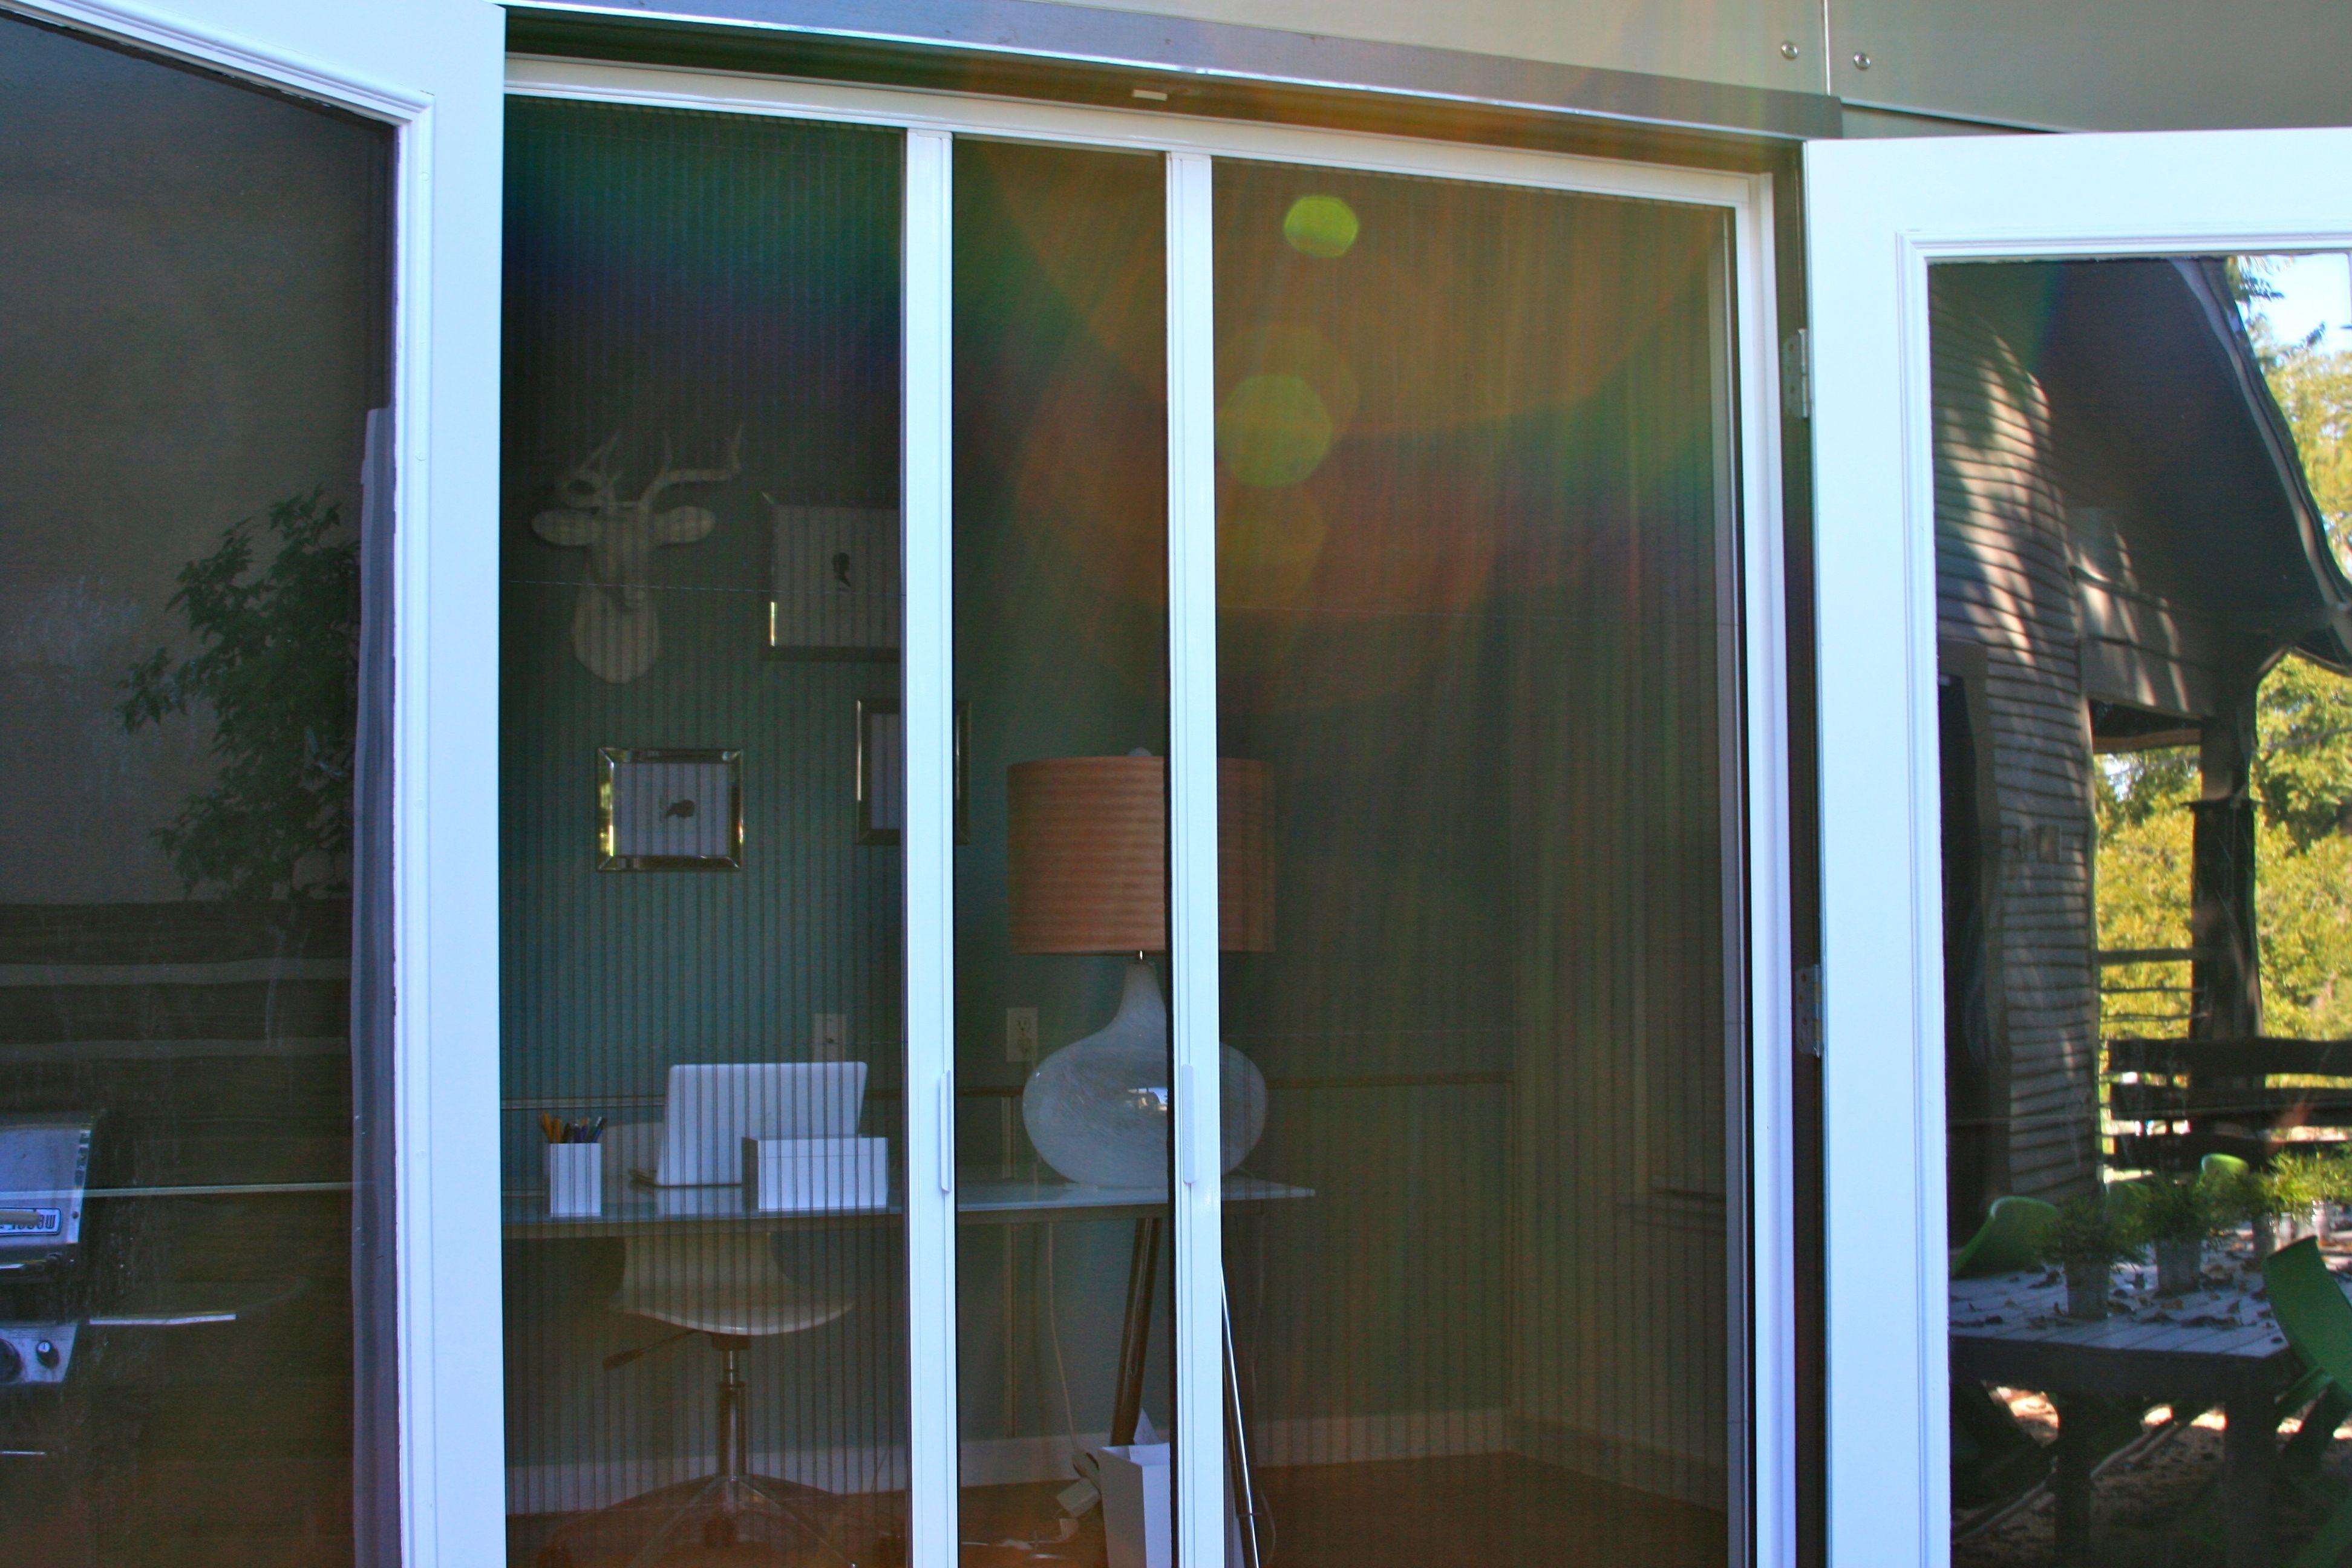 Magnetic Screens For Sliding Doors Httptogethersandia